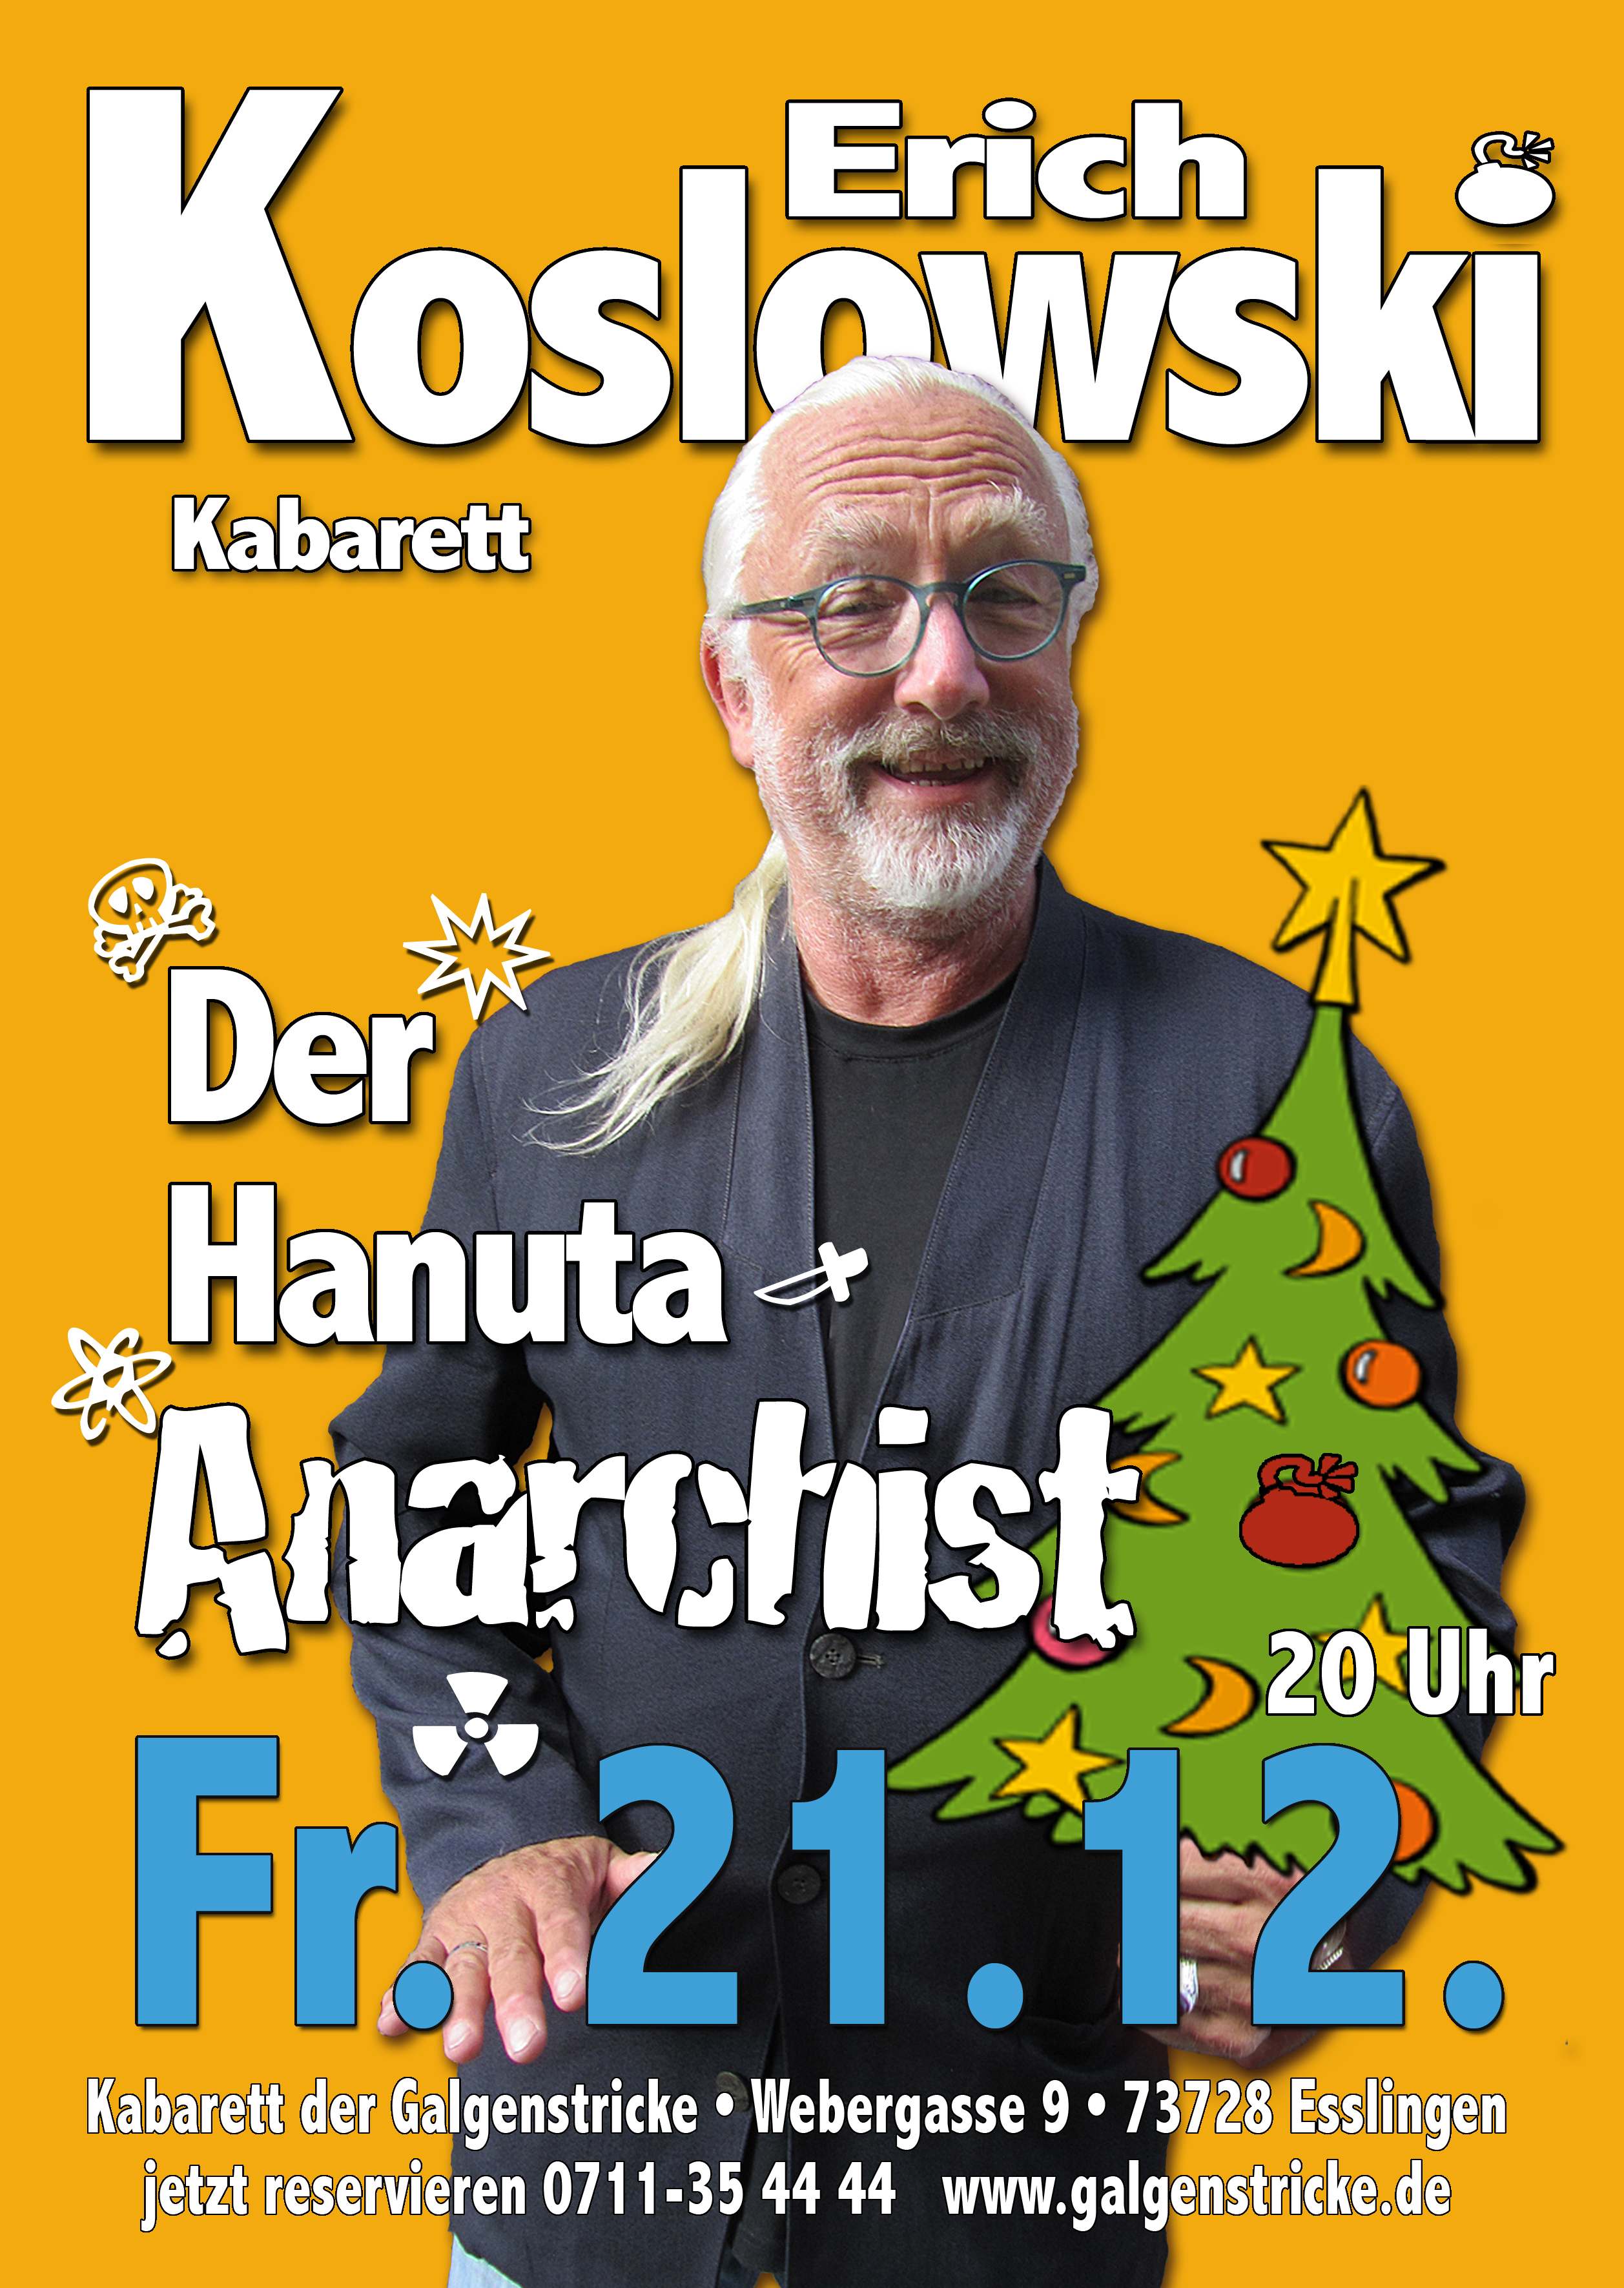 ERICH KOSLOWSKI Kabarett | Die Profiltiefe ist eine Frage des Reifens